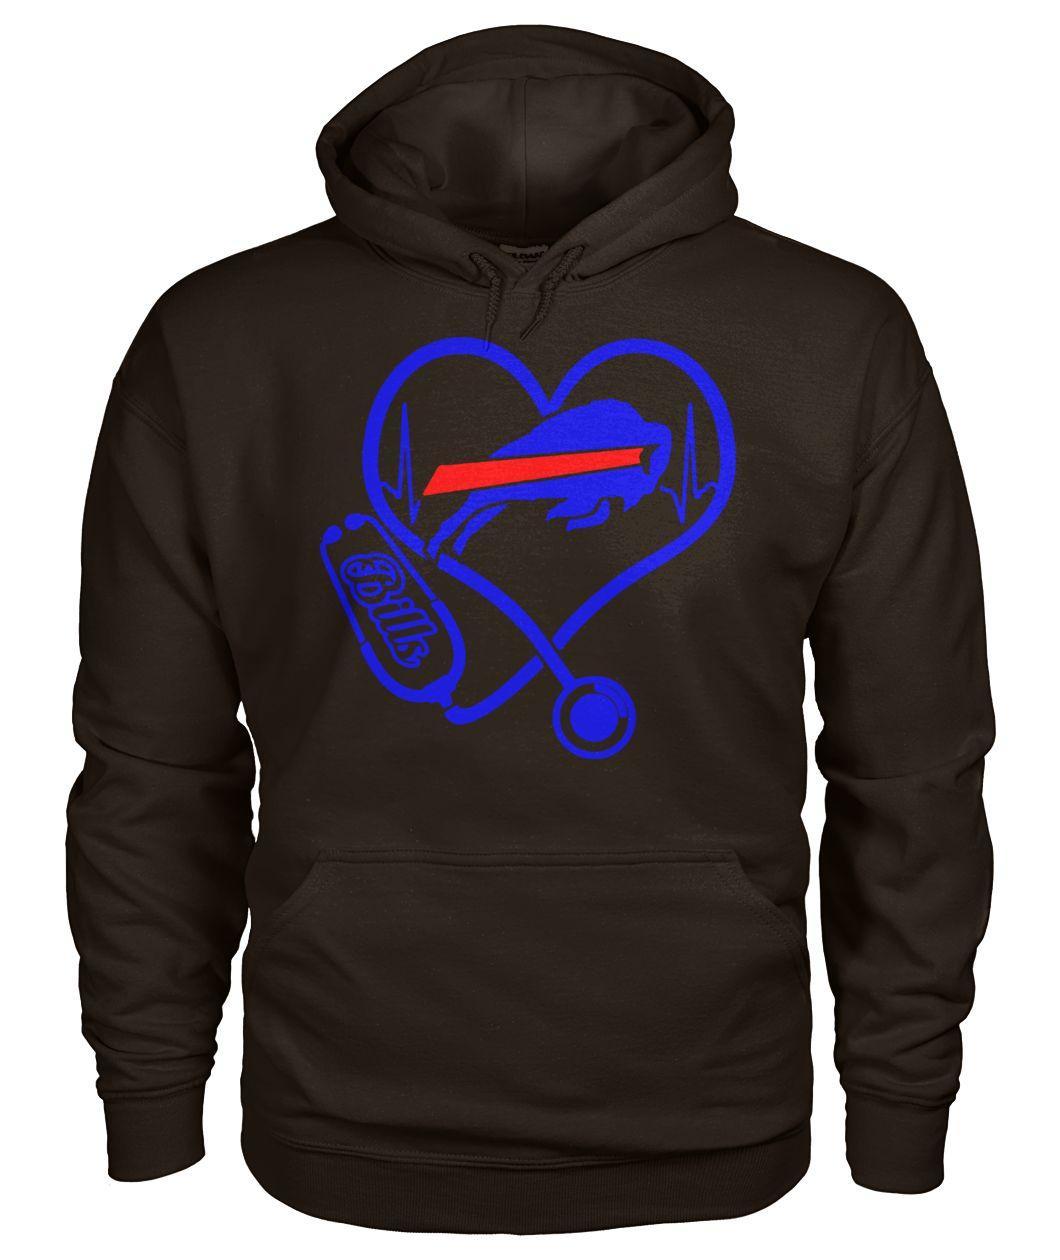 Nurse heart buffalo bills hoodie